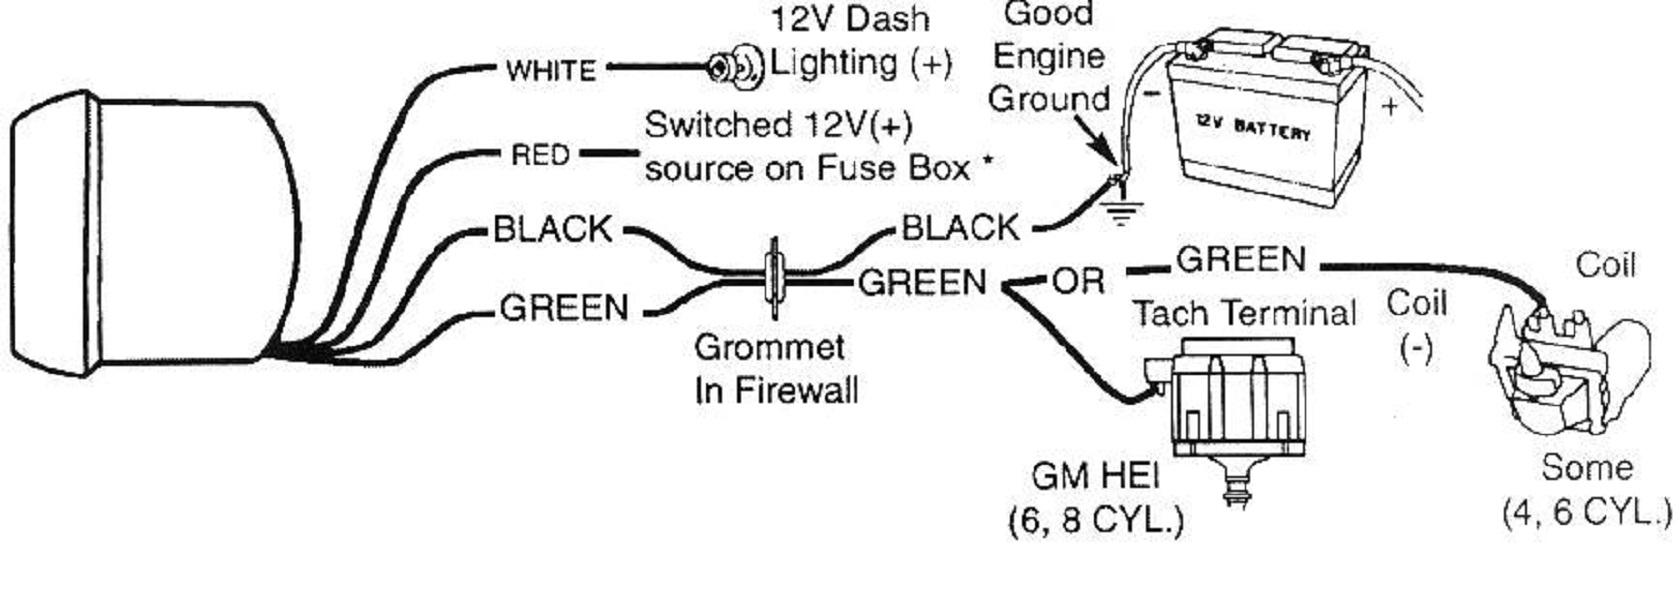 Sunpro Tach Wiring - Data Wiring Diagram Site - Sunpro Tach Wiring Diagram